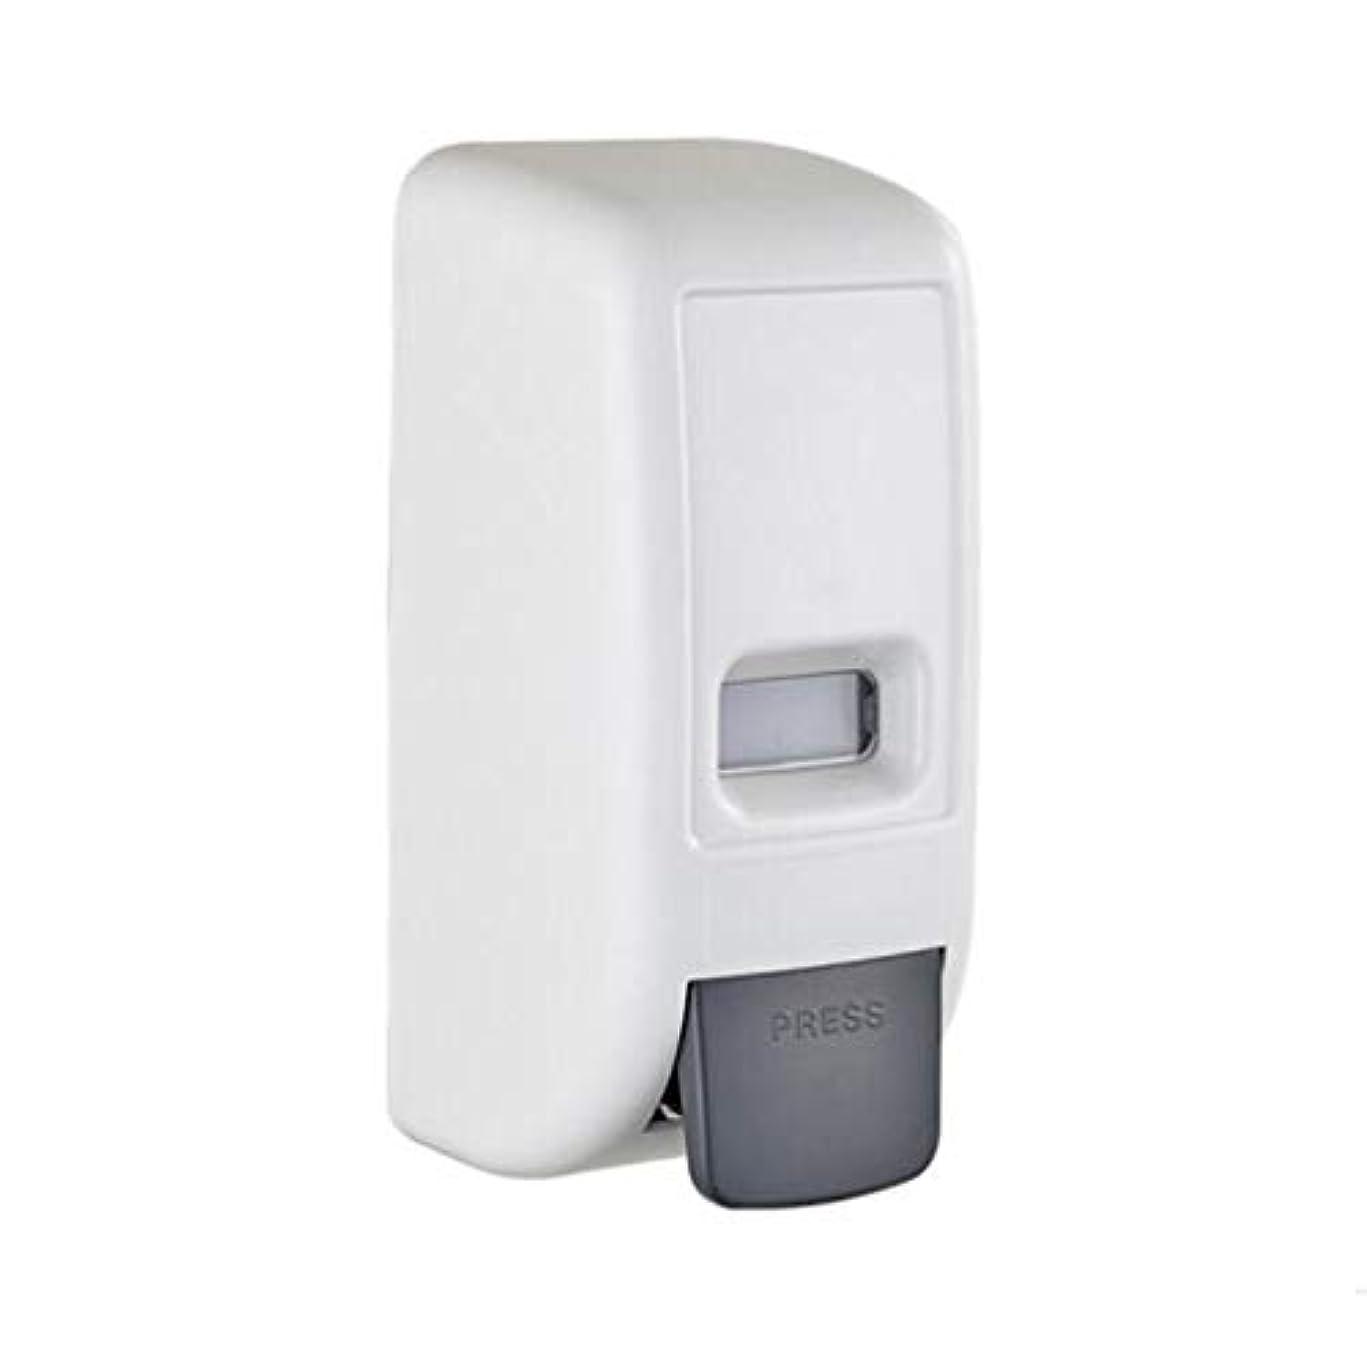 トイレ喜び論理的にKylinssh ウォールマウントソープディスペンサーシャンプー/ローションシングルボトル800ml